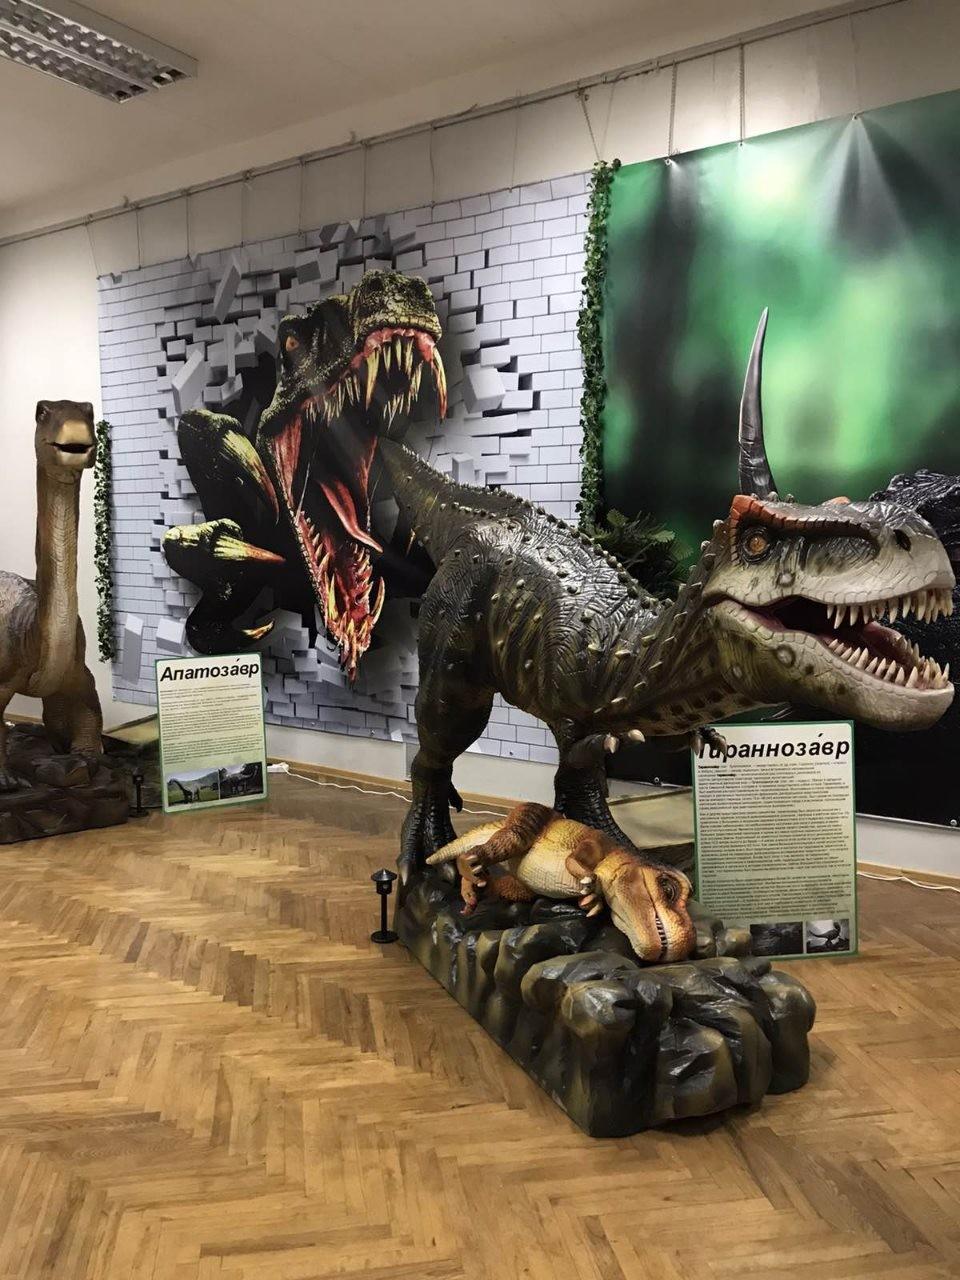 Динозавры вернулись спустя 65 миллионов лет! Интерактивный динопарк «Ожившие динозавры»